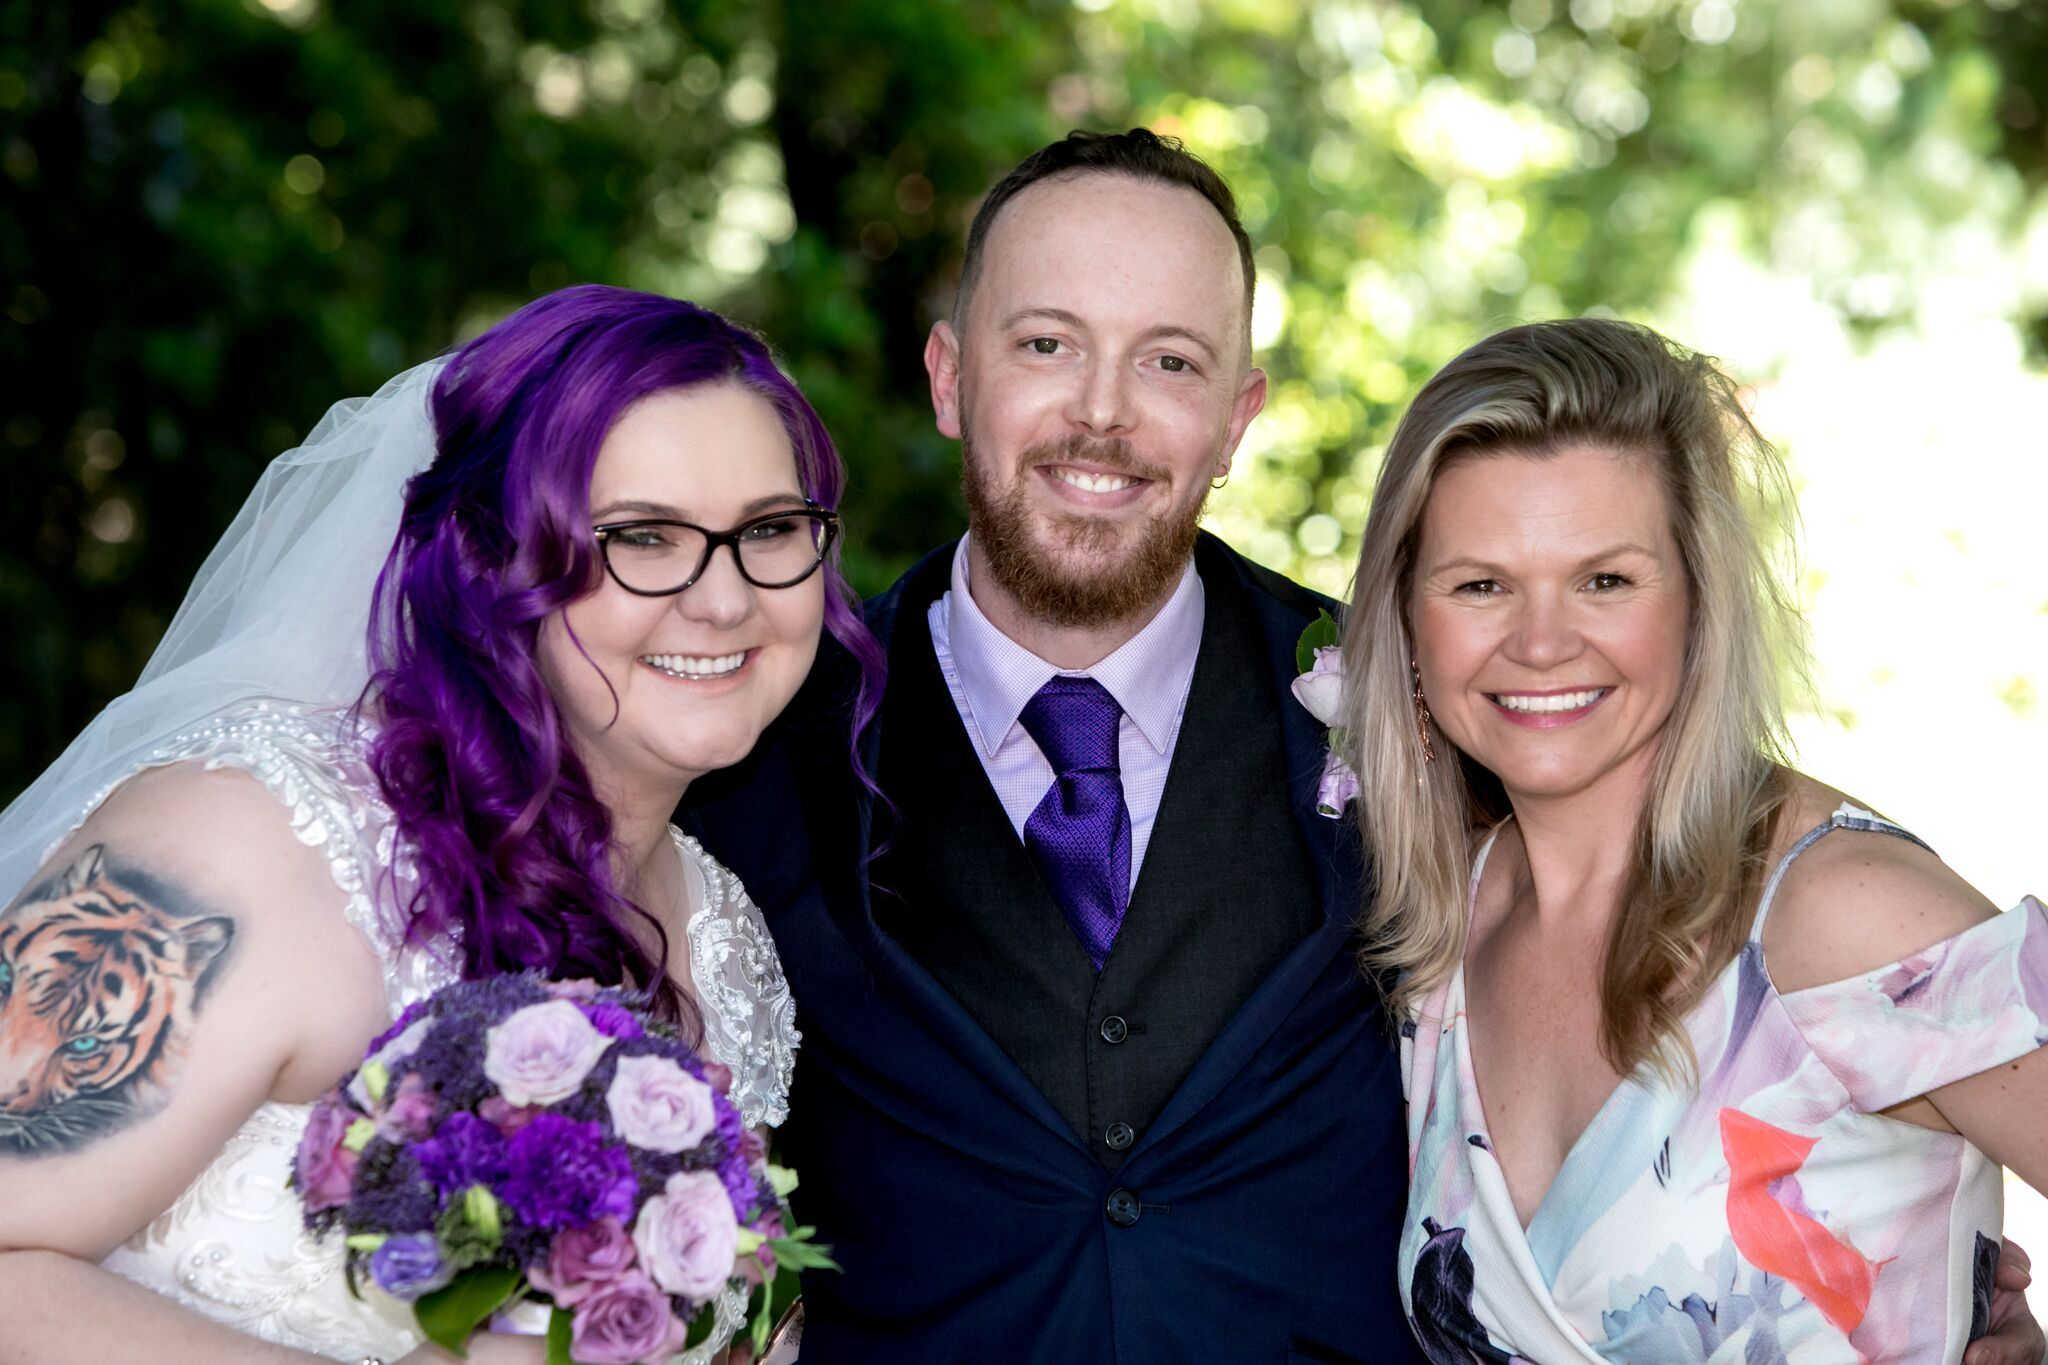 Poet's Lane Wedding Celebrant